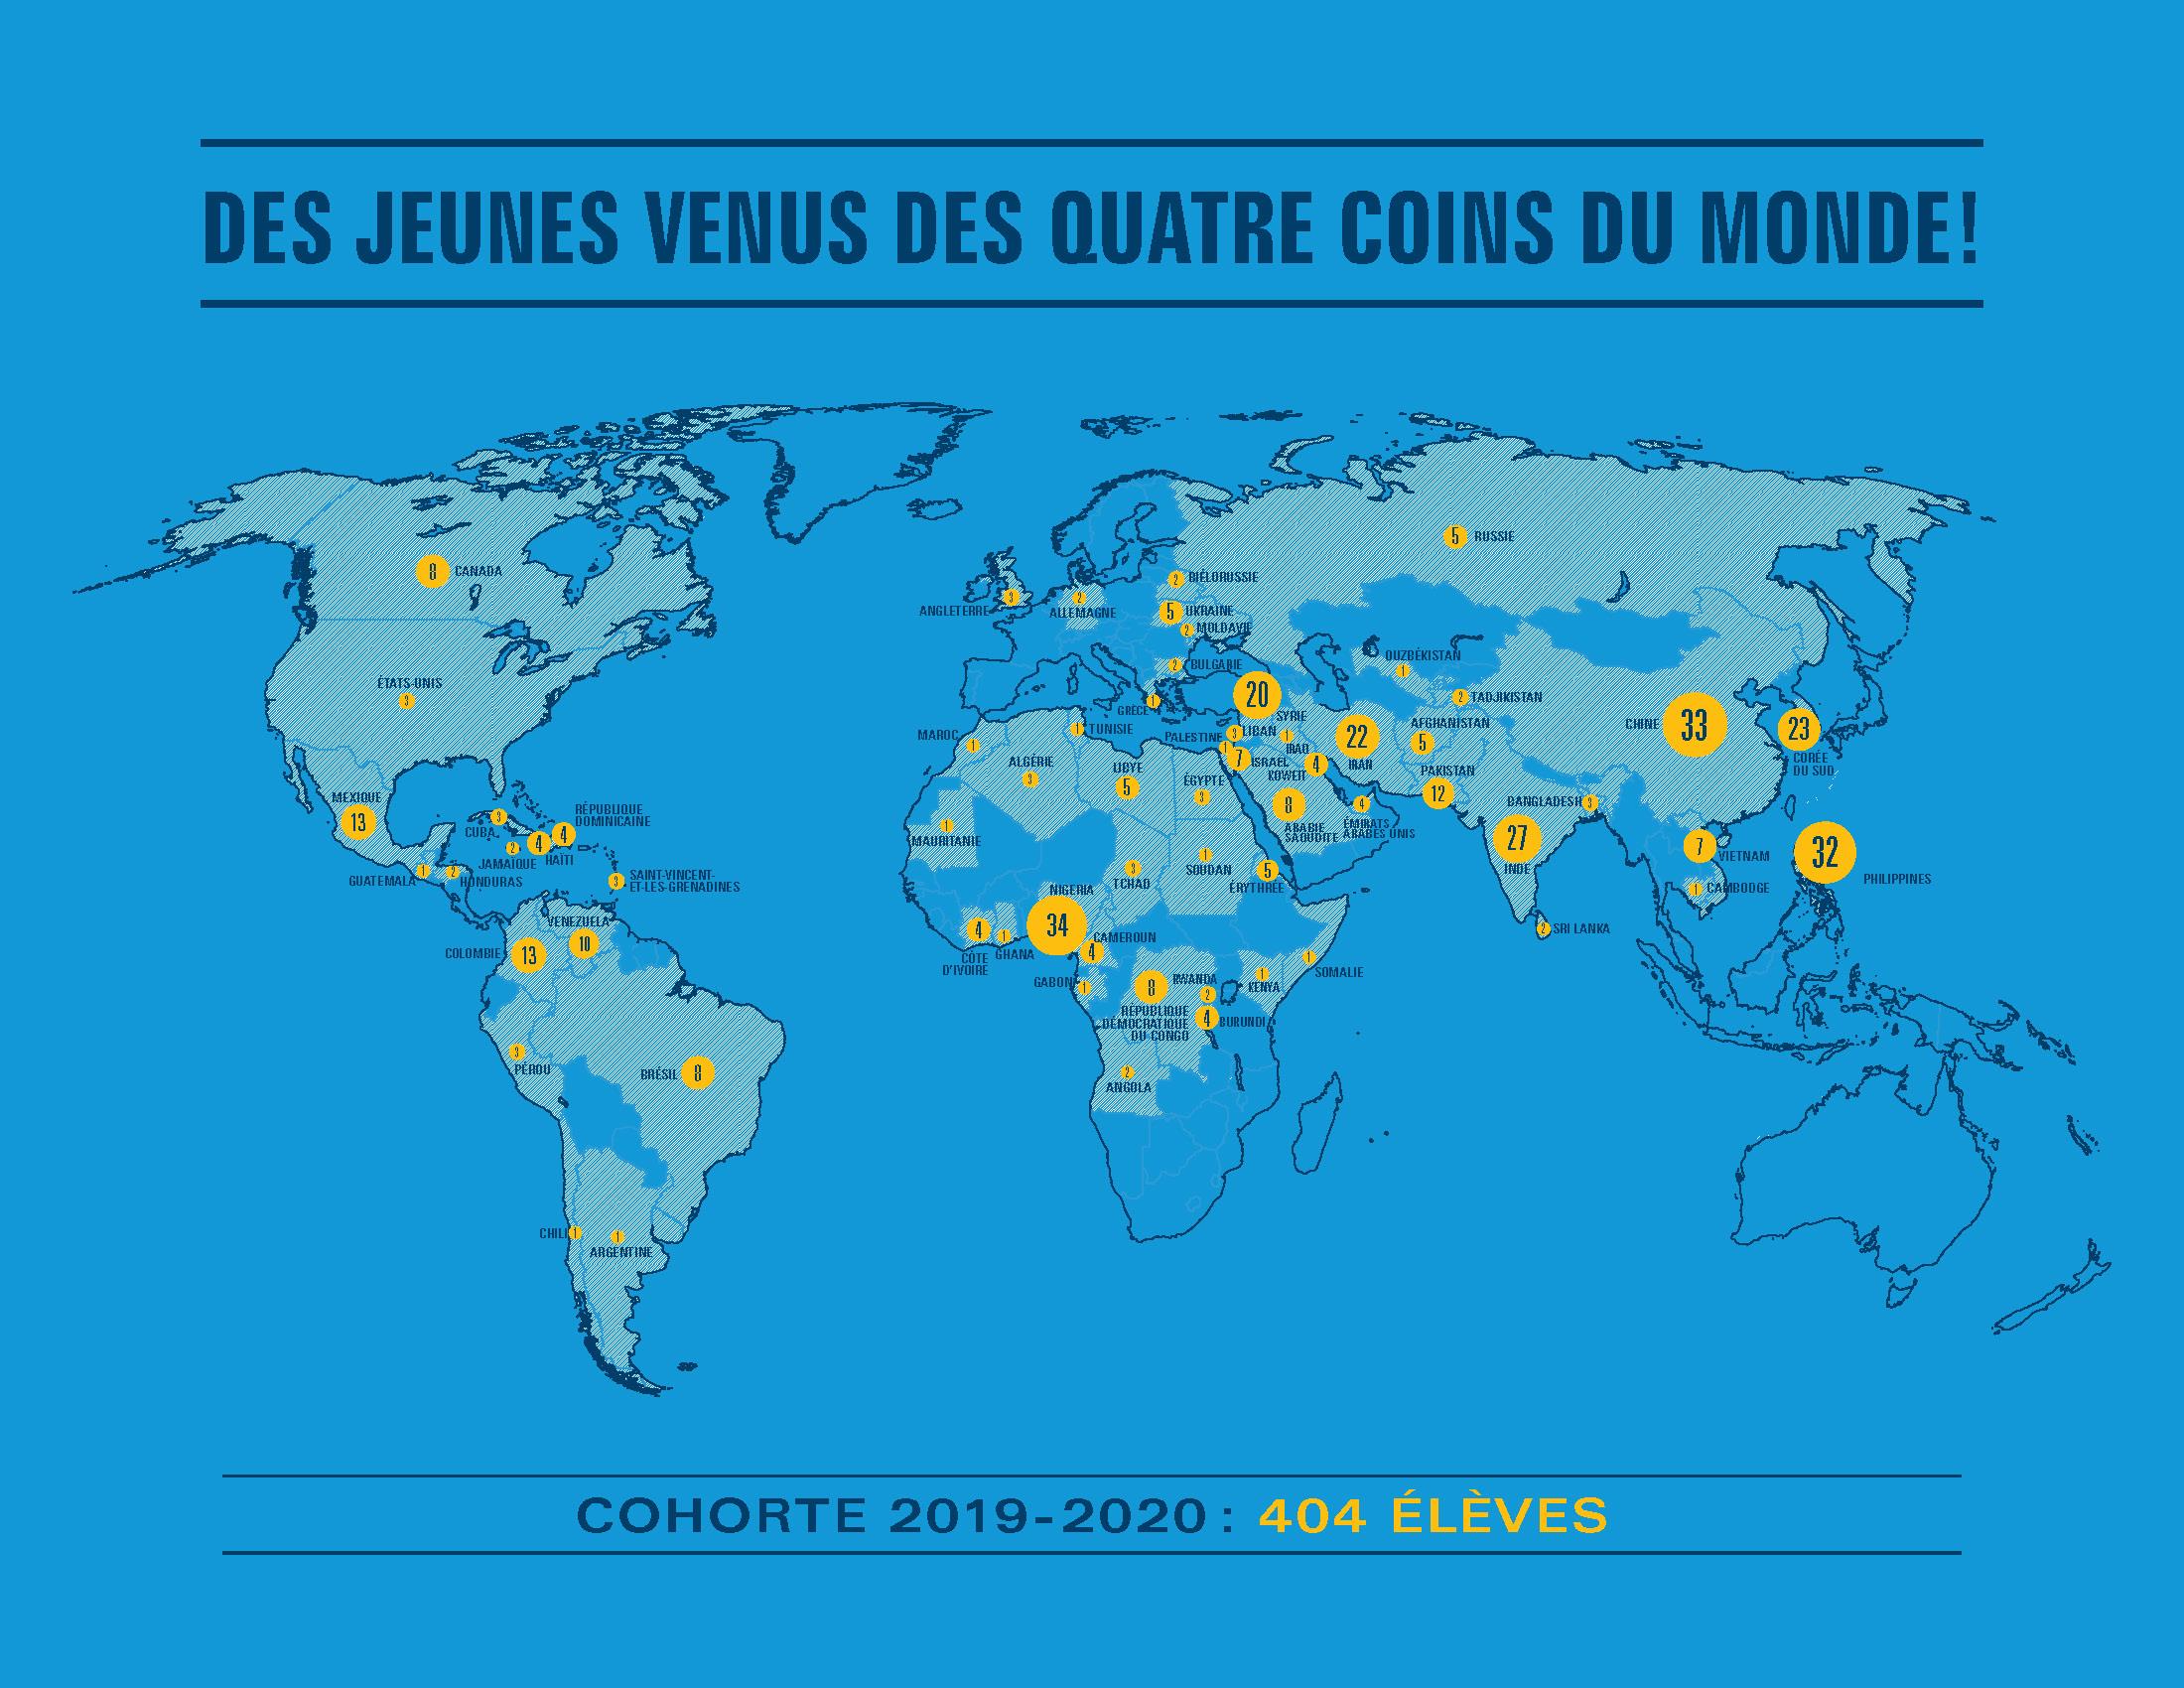 Mappemonde des pays d'origine des élèves ayant participé au projet Vous faites partie de l'histoire! en 2019-2020.